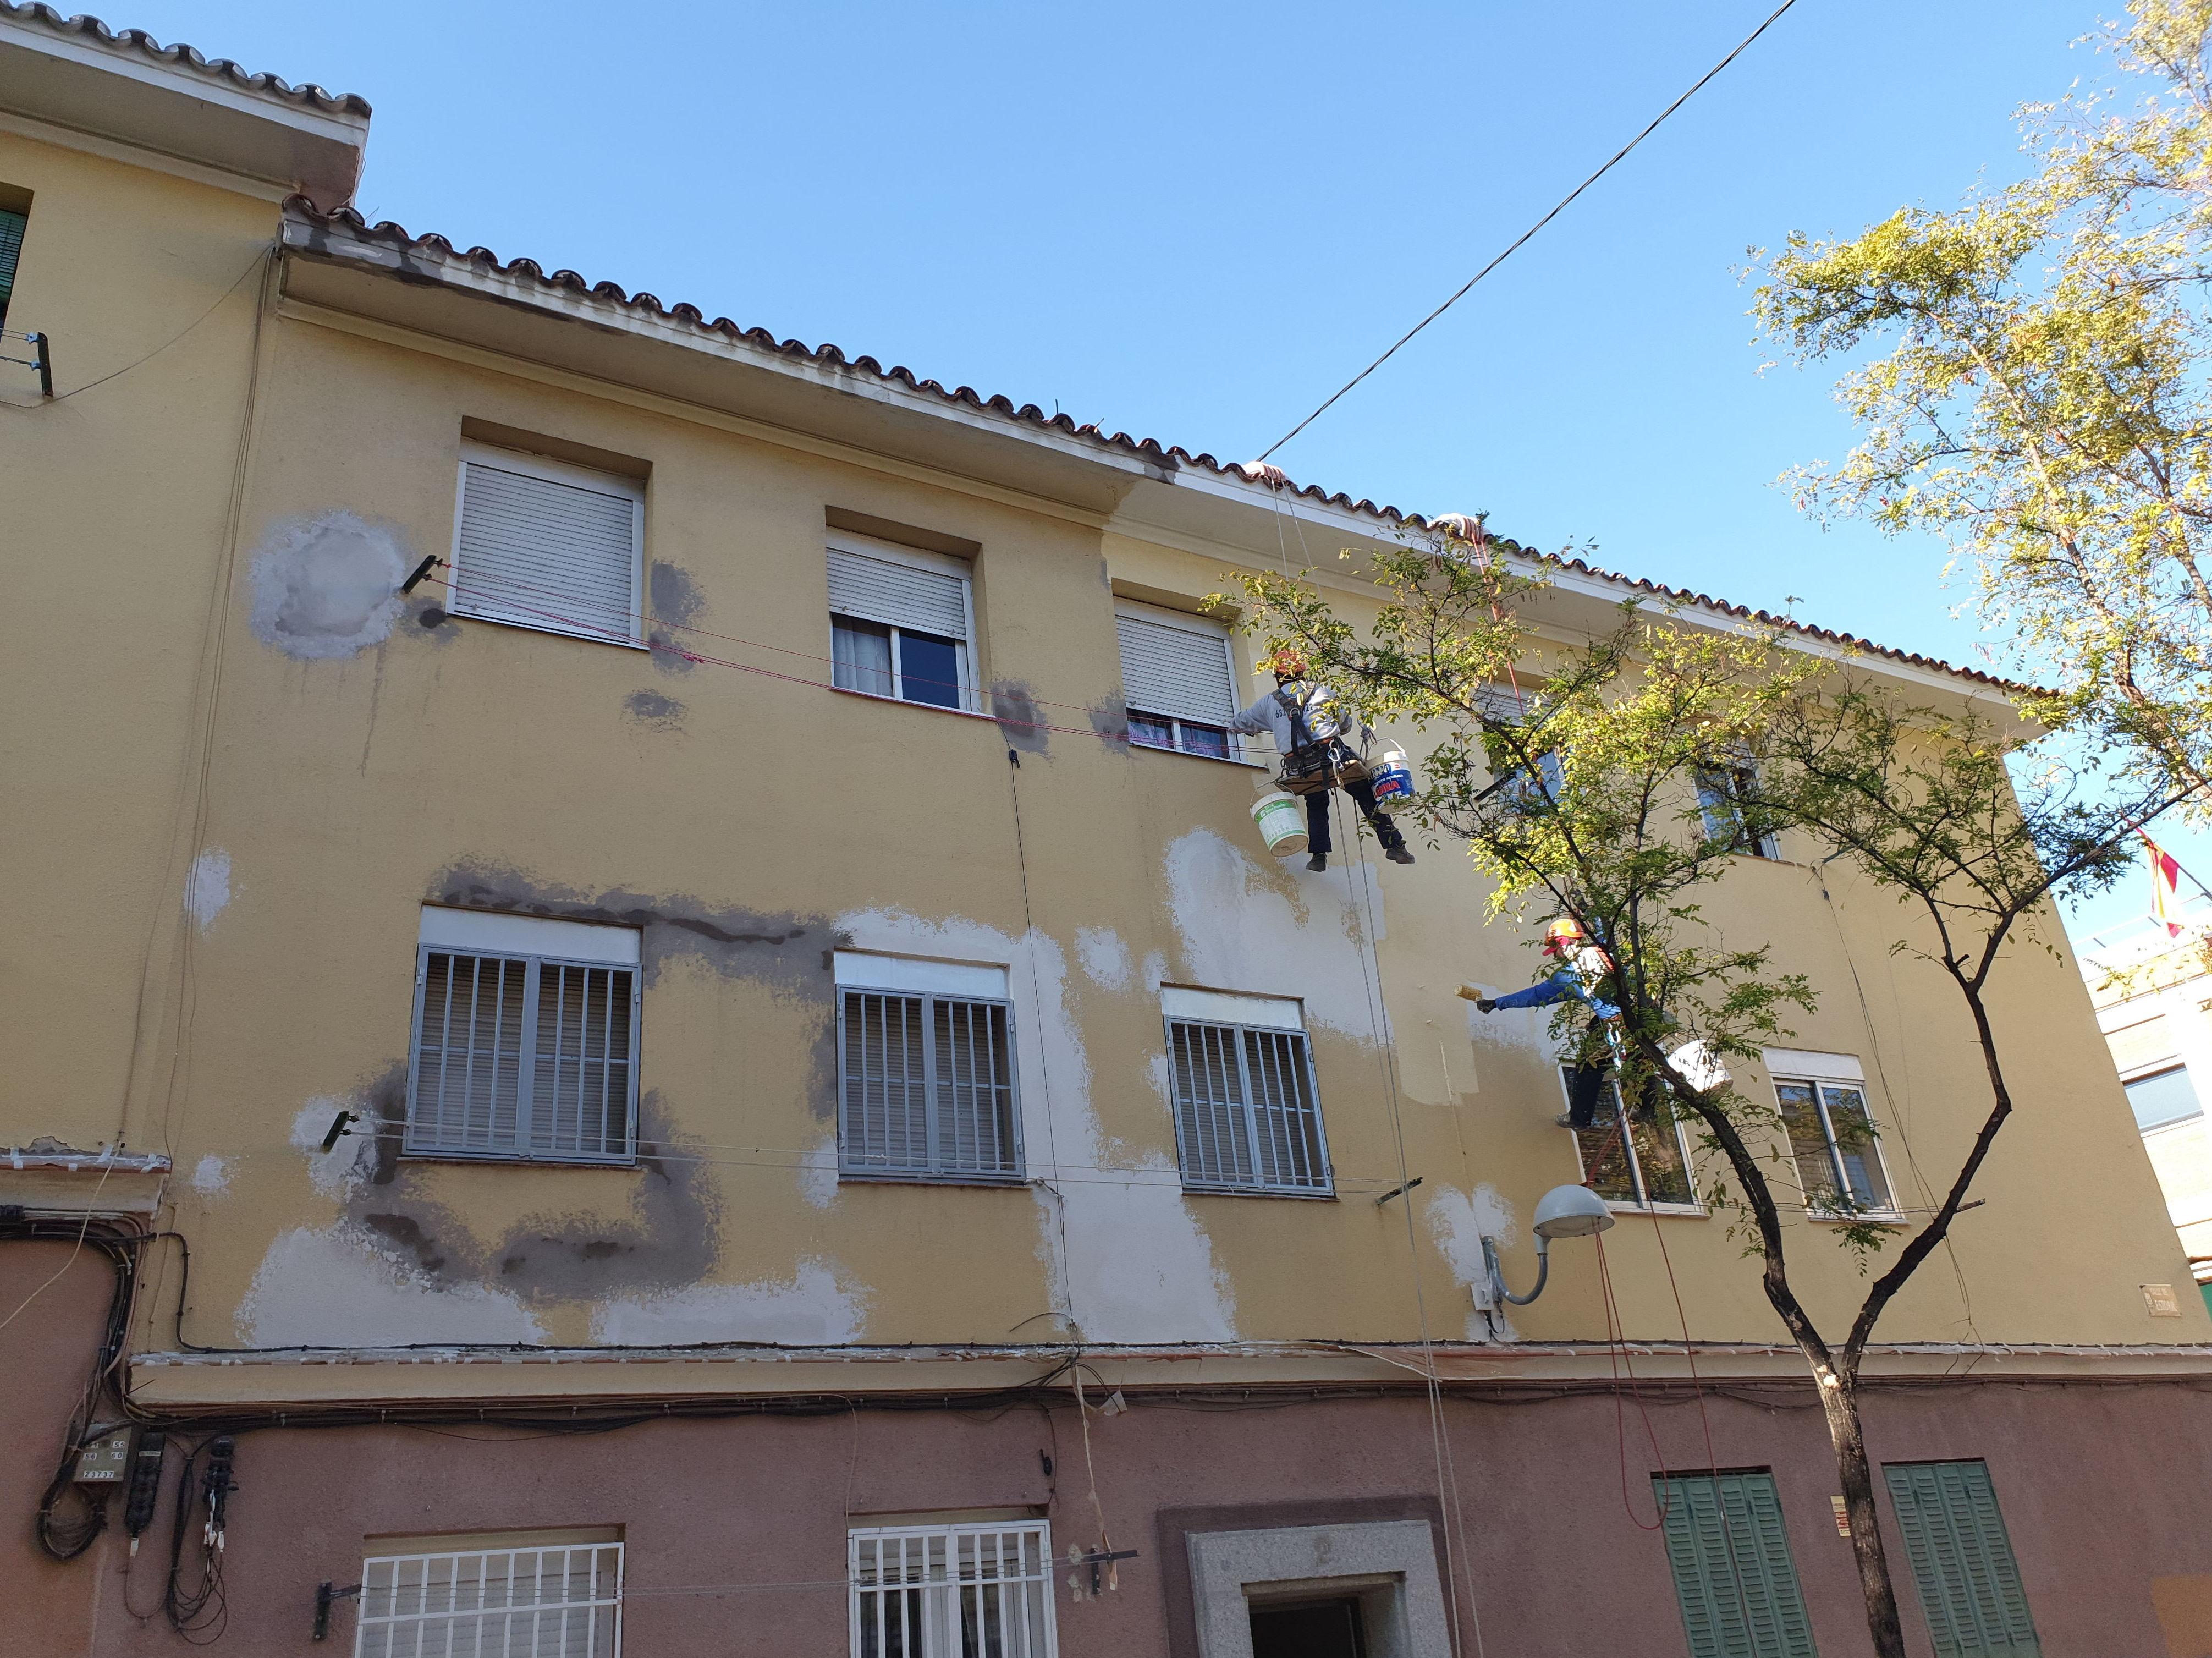 Foto 86 de Trabajos verticales en  | Rehabilitaciones y Verticales Vera, S.L.